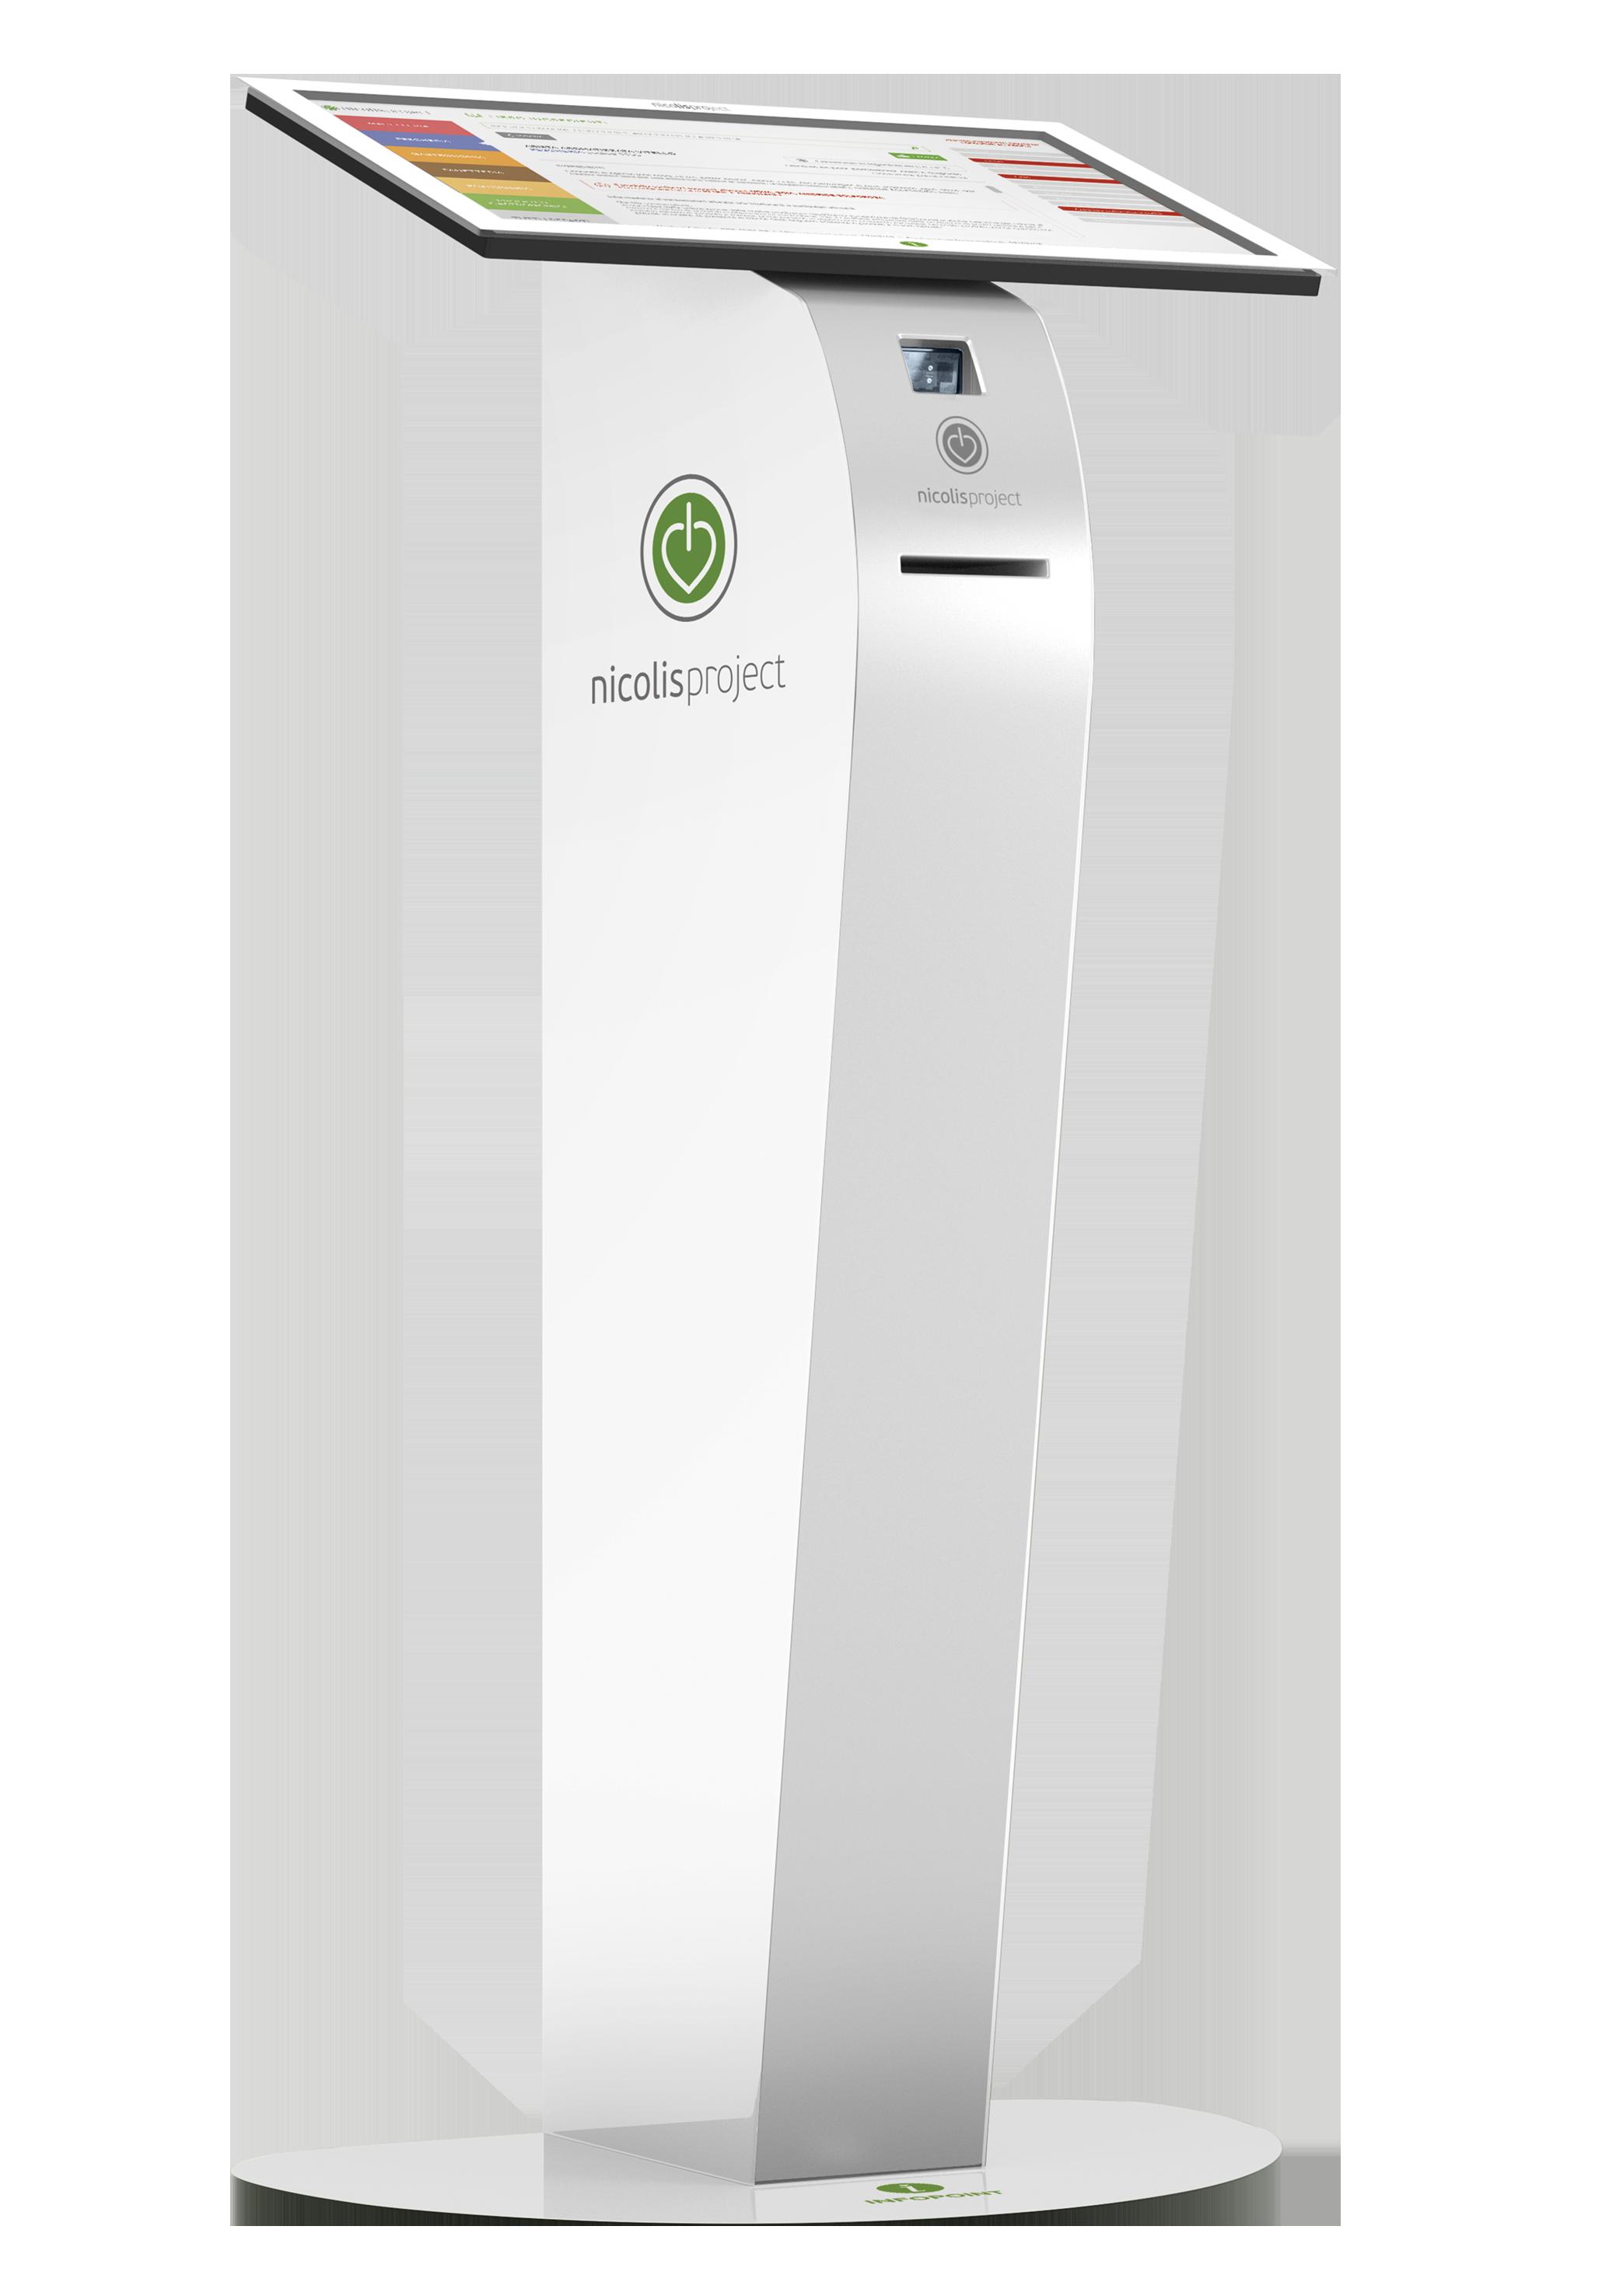 Nicolis Project | in-store digital communication totem-informativo-btotem-nicolisproject Come sostituire l'eliminacode con il digital signage e migliorare l'operatività del supermercato